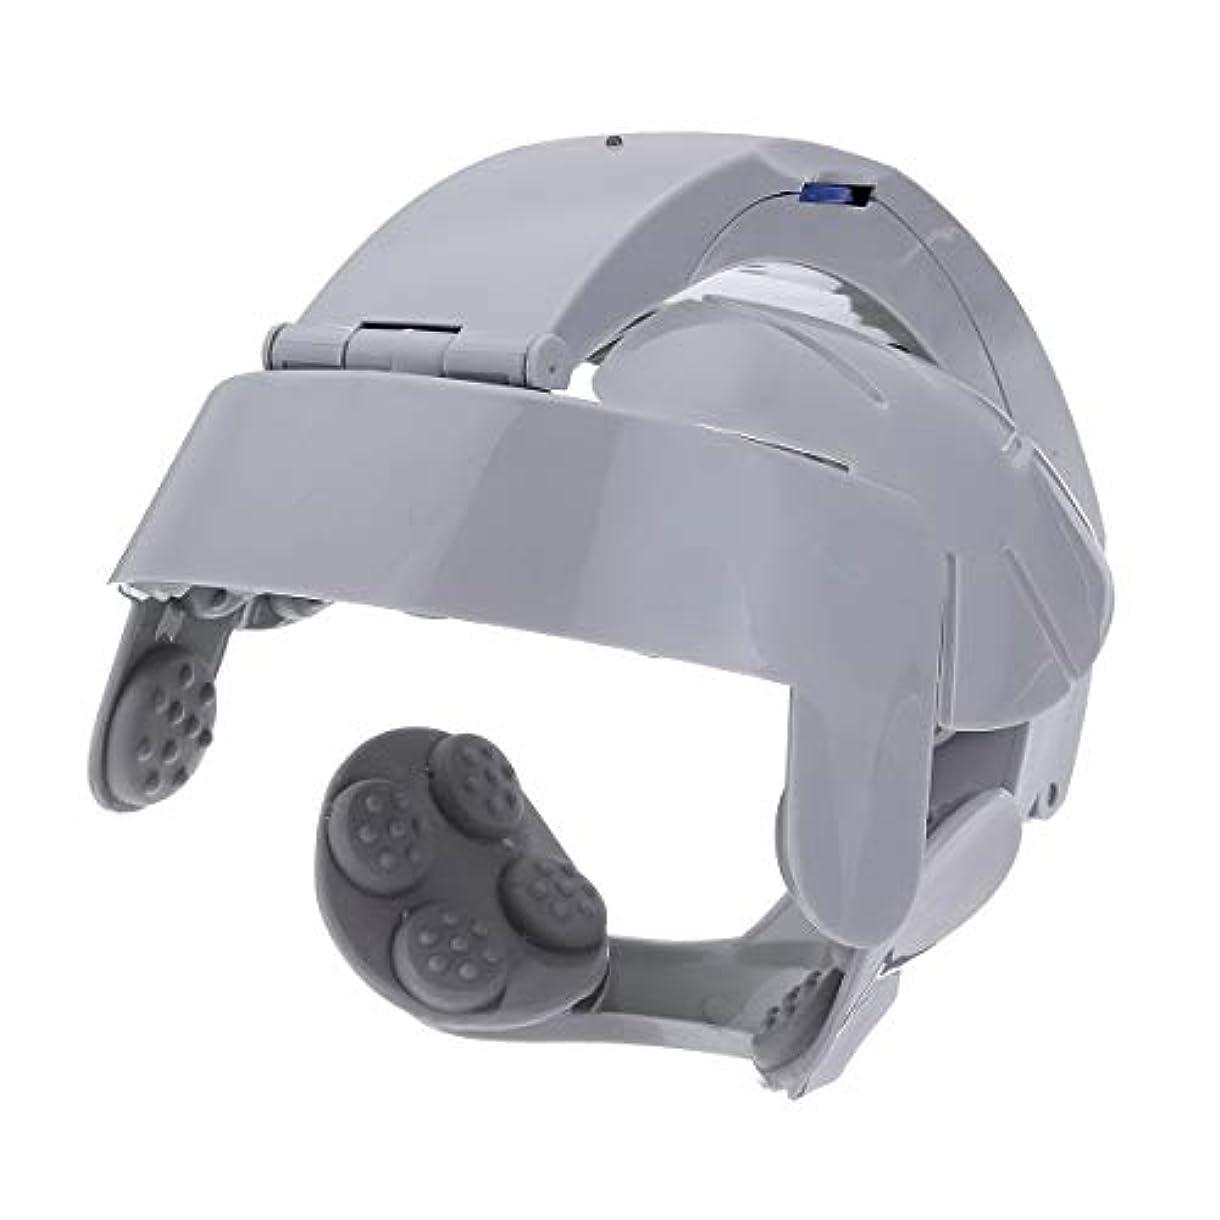 ヘッド振動マッサージ電動ヘッドマッサージリラックス脳経穴ストレス解放マシンポータブルのためのホーム使用